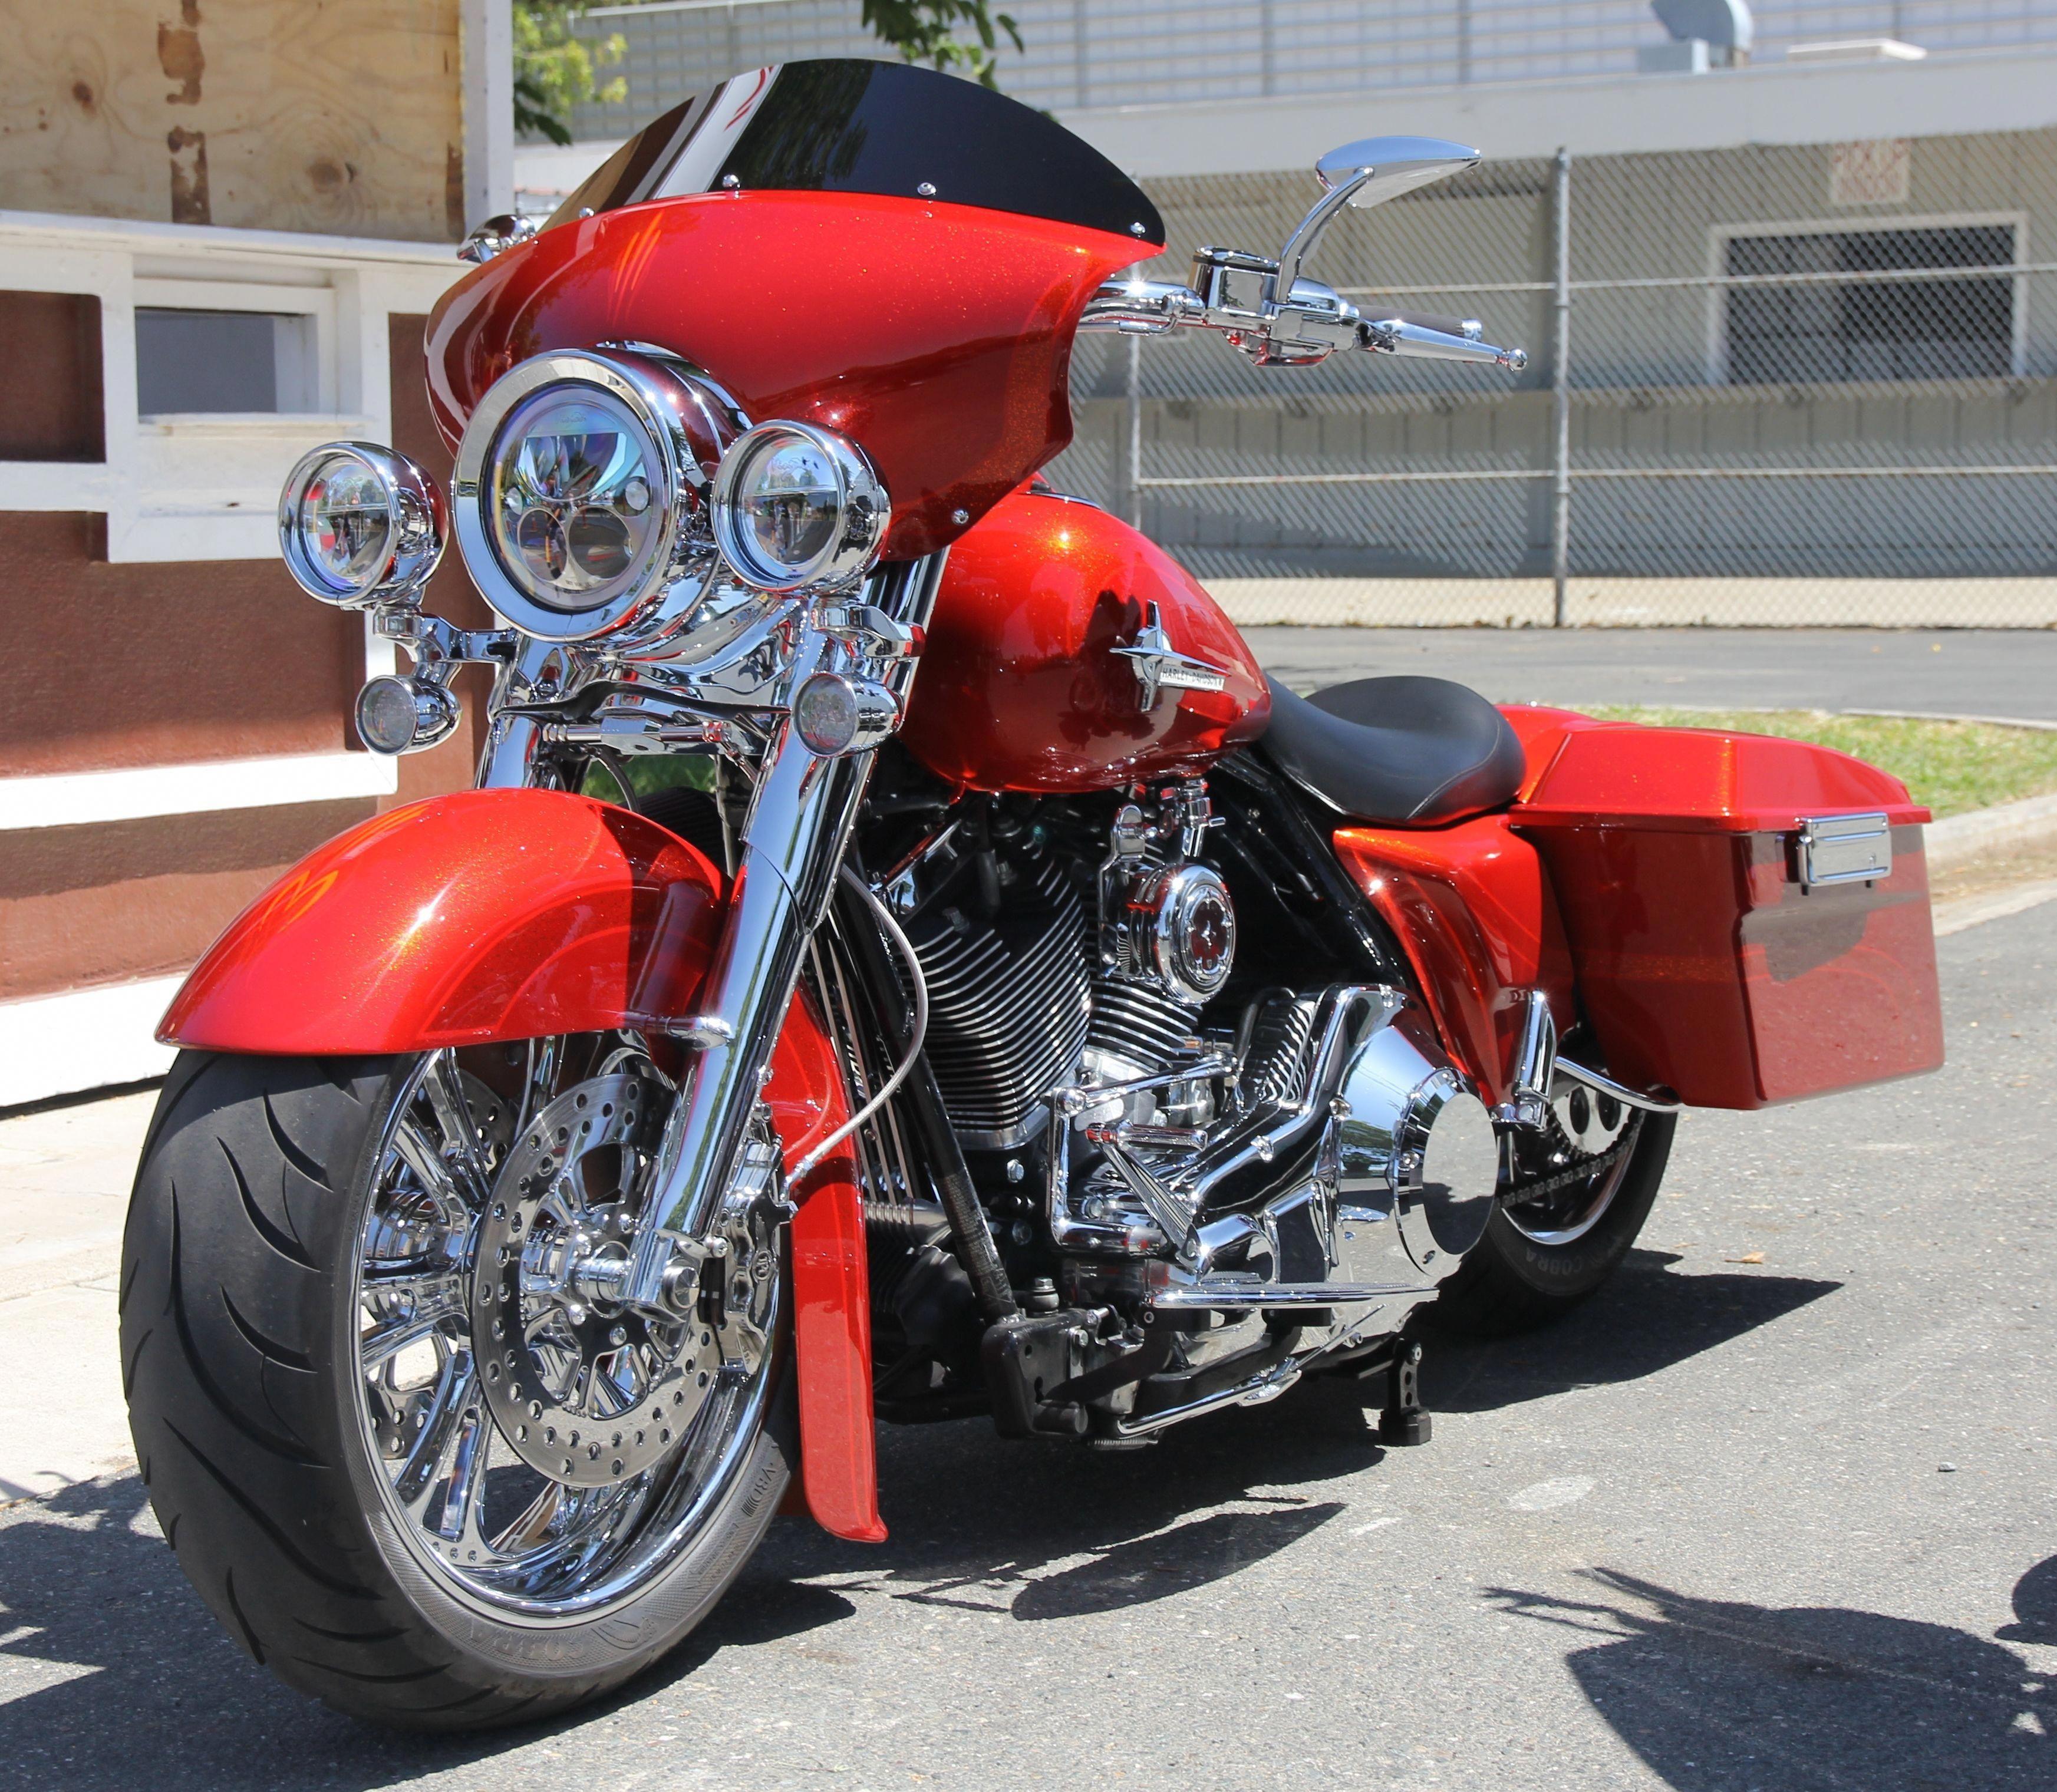 Pin By Harley Davidson Motorcyle News On Motorcycles In 2020 Harley Davidson Bikes Harley Bikes Harley Davidson